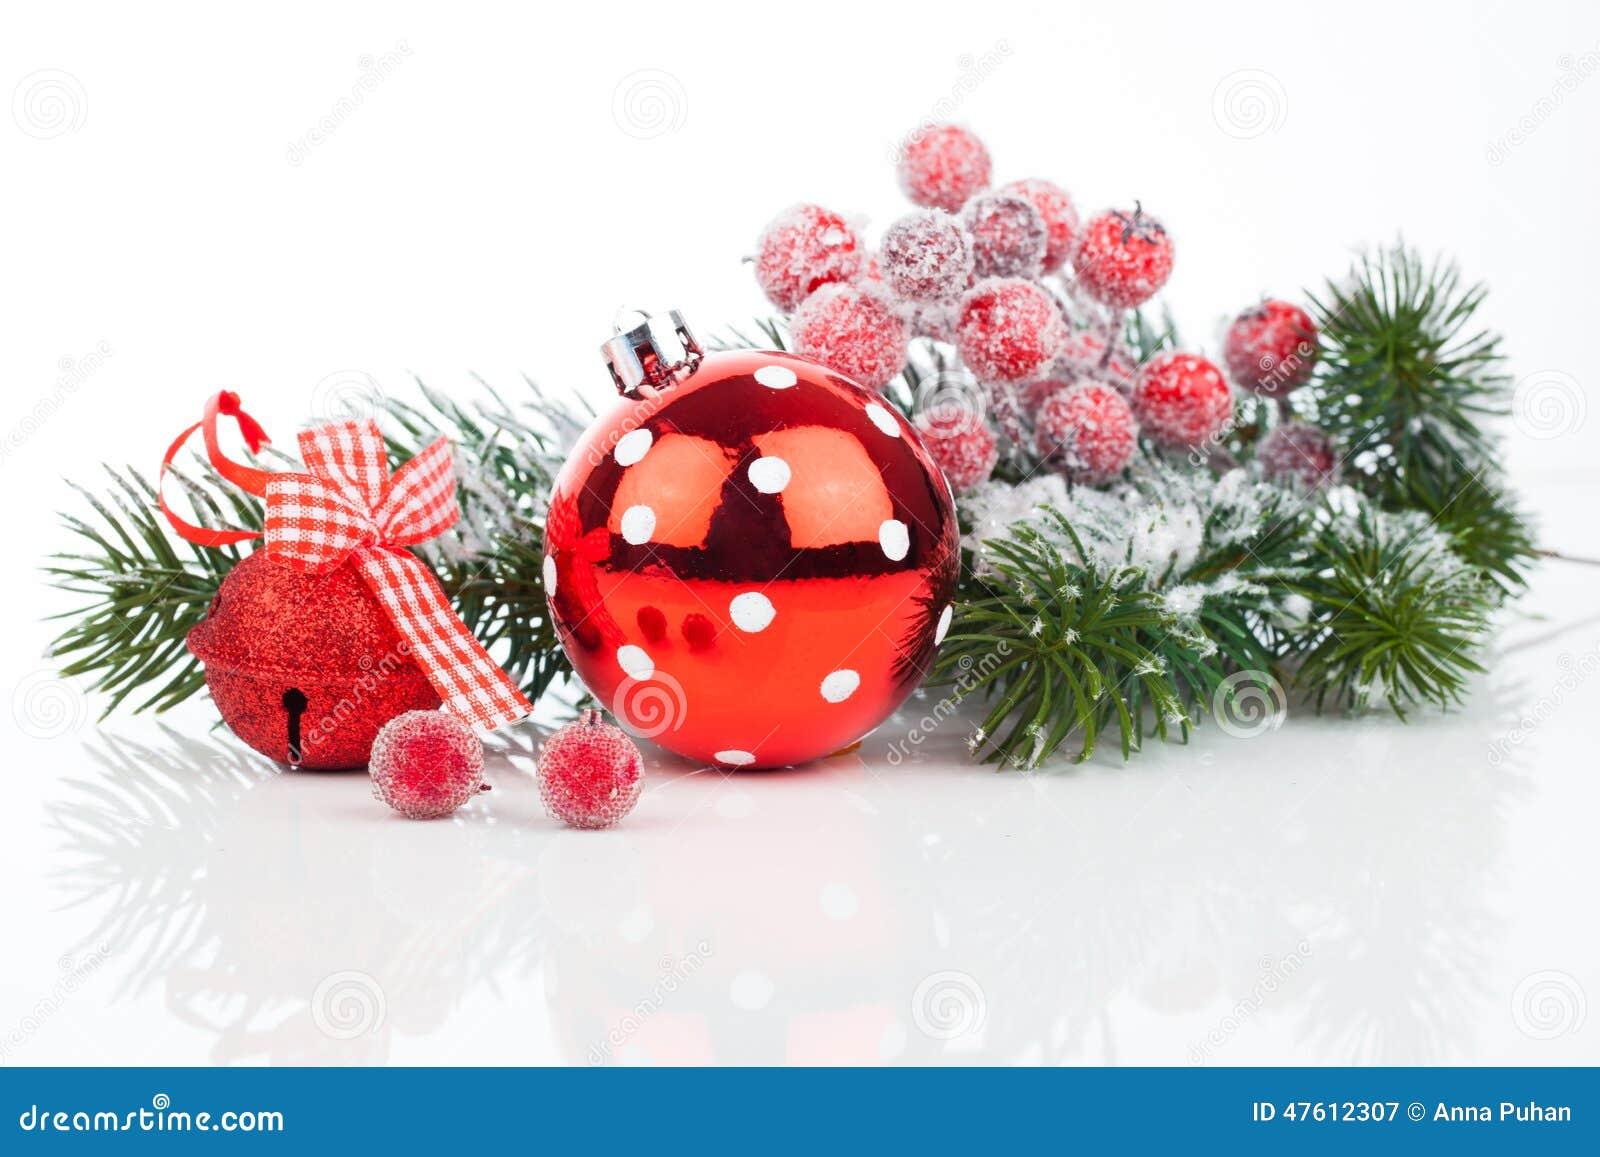 Weihnachtskugeln und Tannenzweige mit Dekorationen